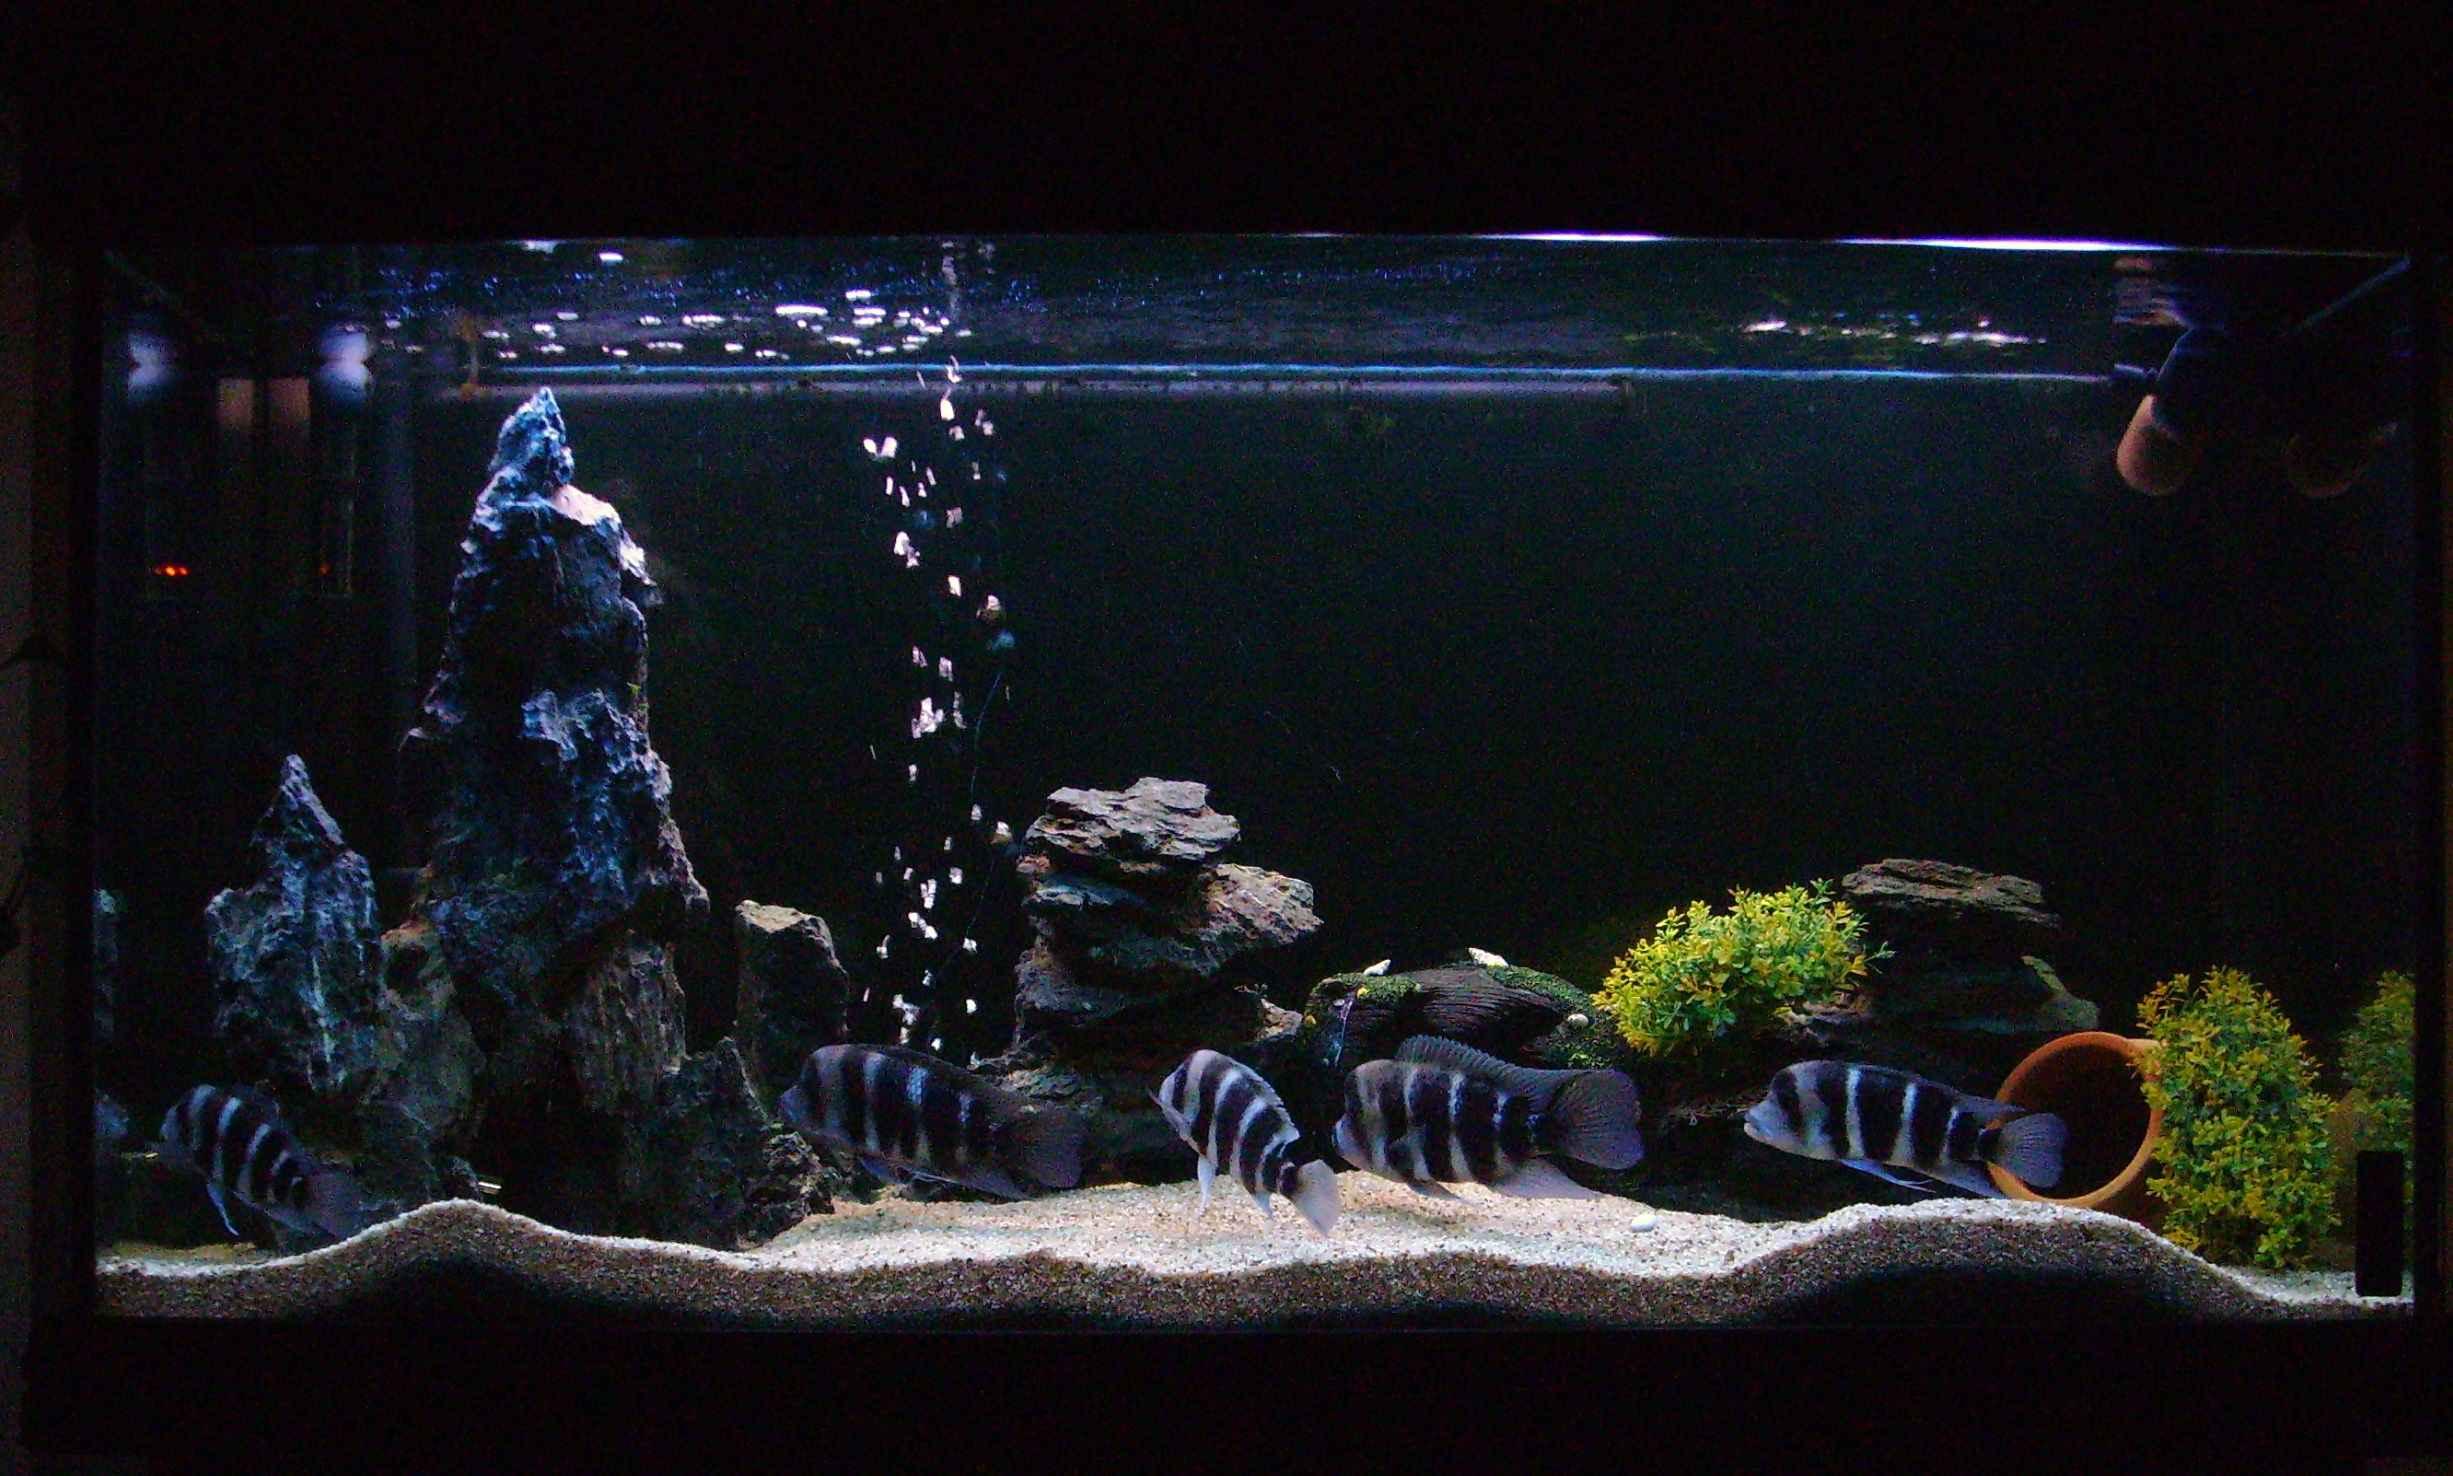 تصاویر ماهی فرانتوزا